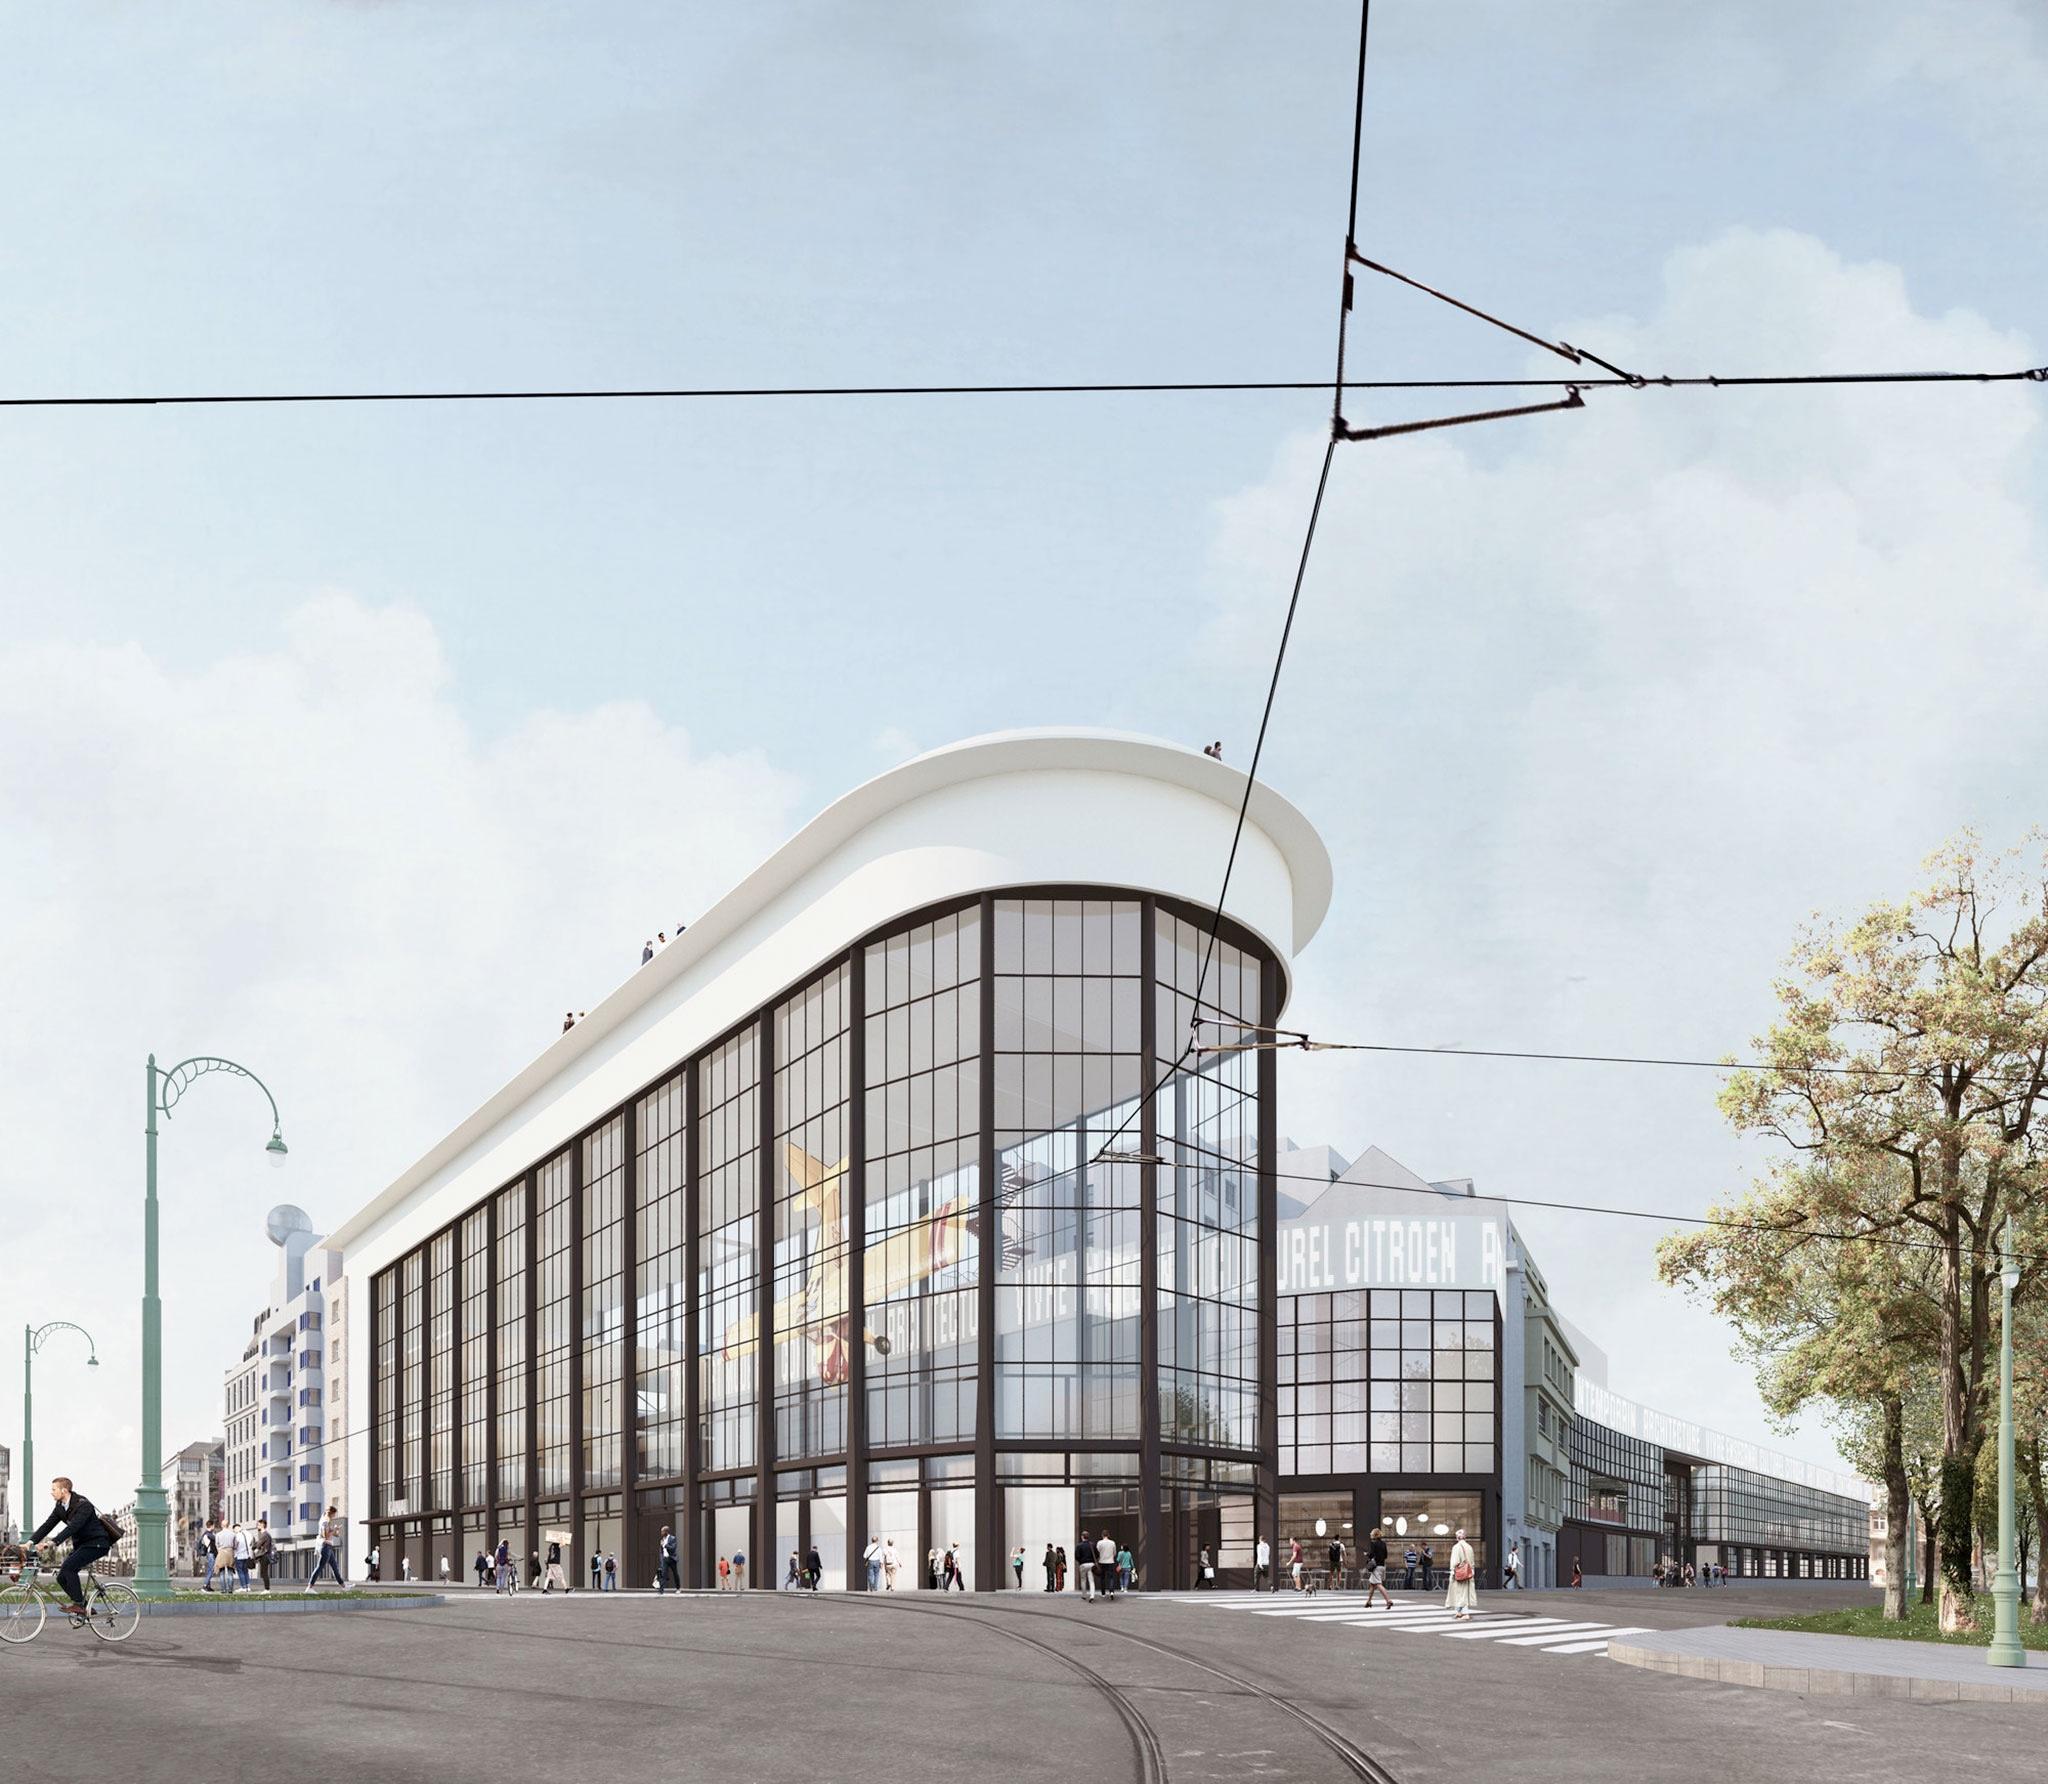 """De antigua fabrica de Citroën a nuevo """"Centre Pompidou"""" por NOA, EM2N and SBA. Imagen cortesía de NOA / EM2N / SBA"""